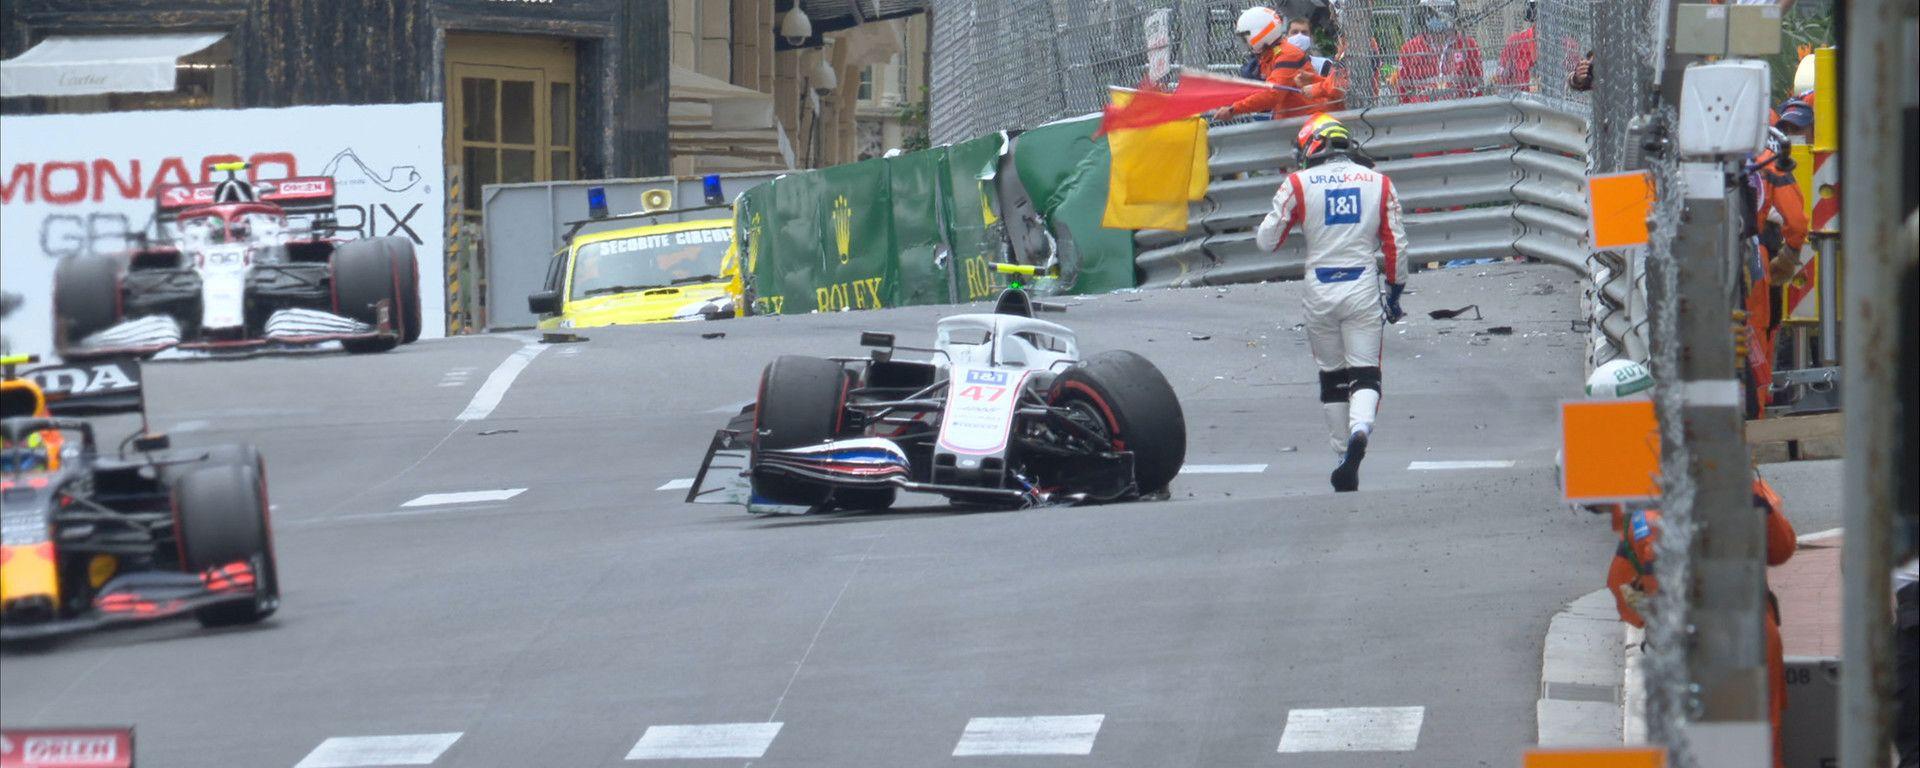 F1, GP Monaco 2021: Mick Schumacher poco dopo il suo incidente